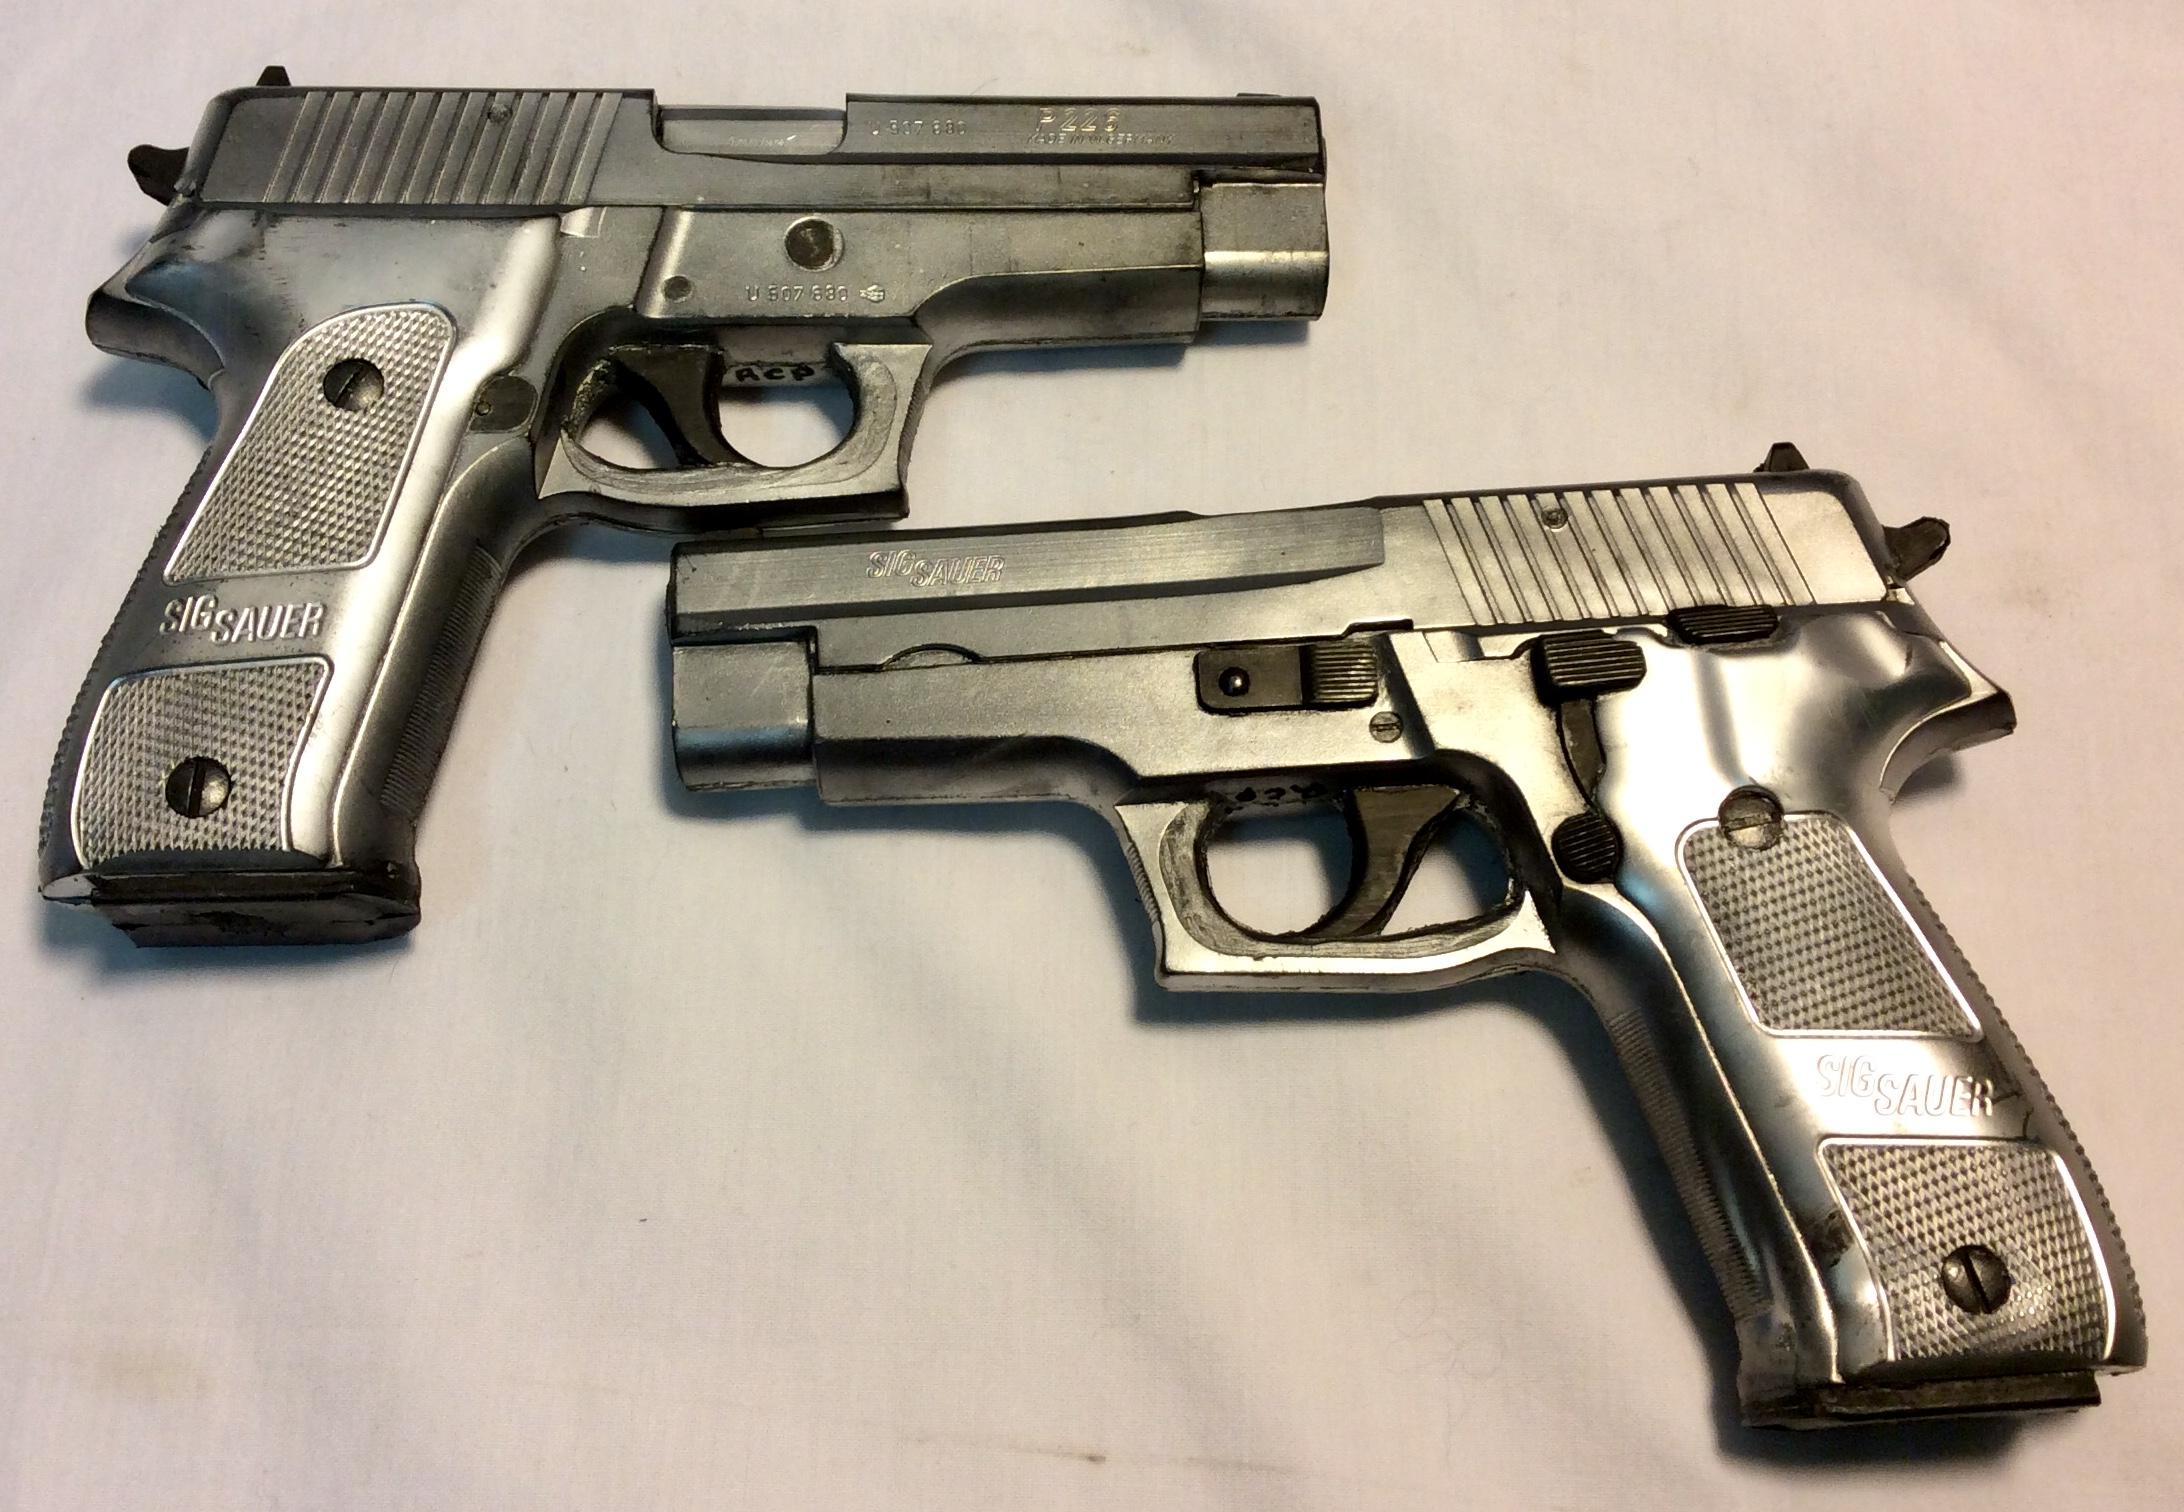 Soft silver Sig Sauer P226